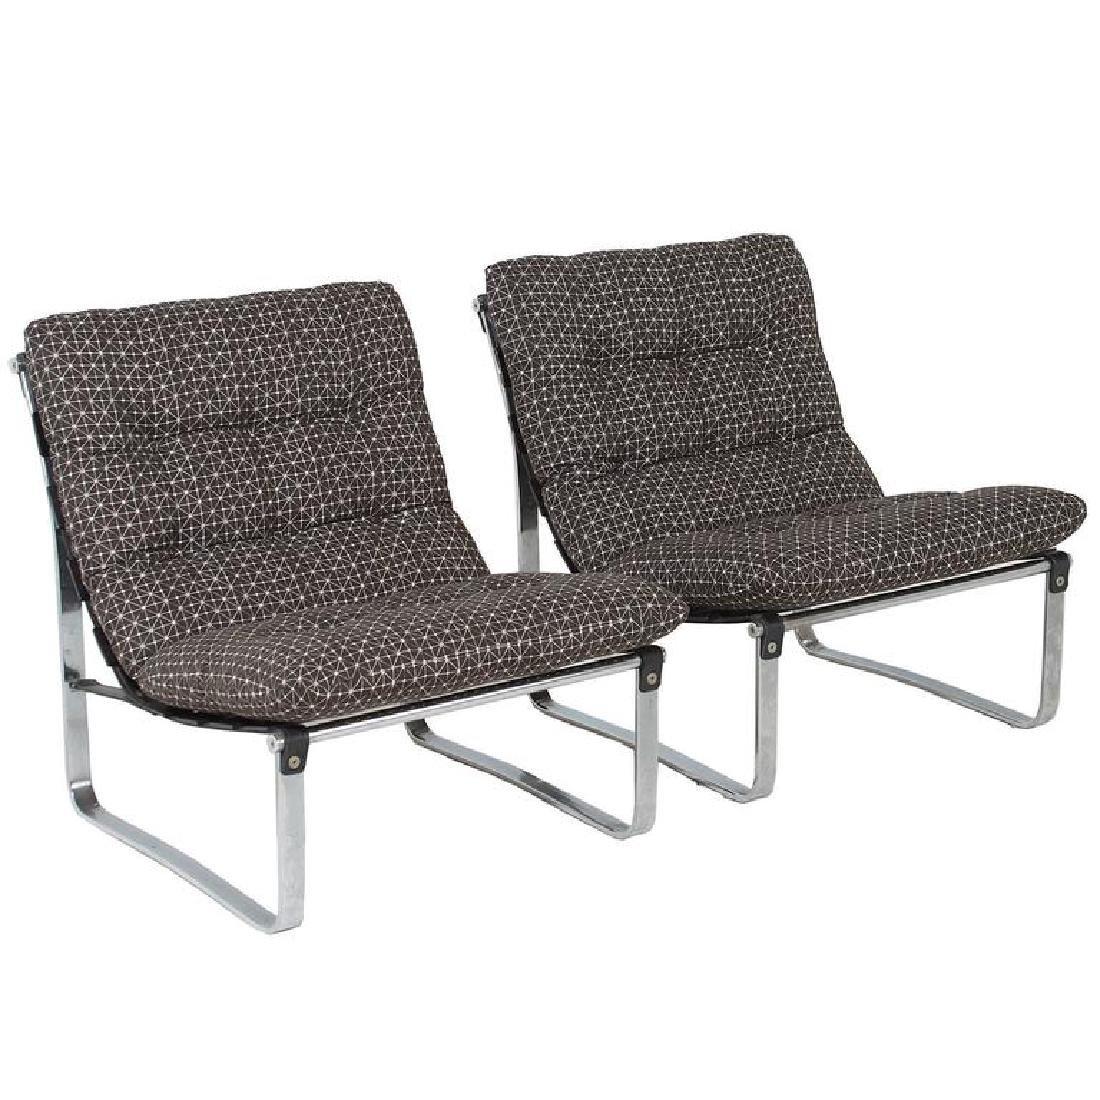 Ingmar Relling Lounge Chairs (2)